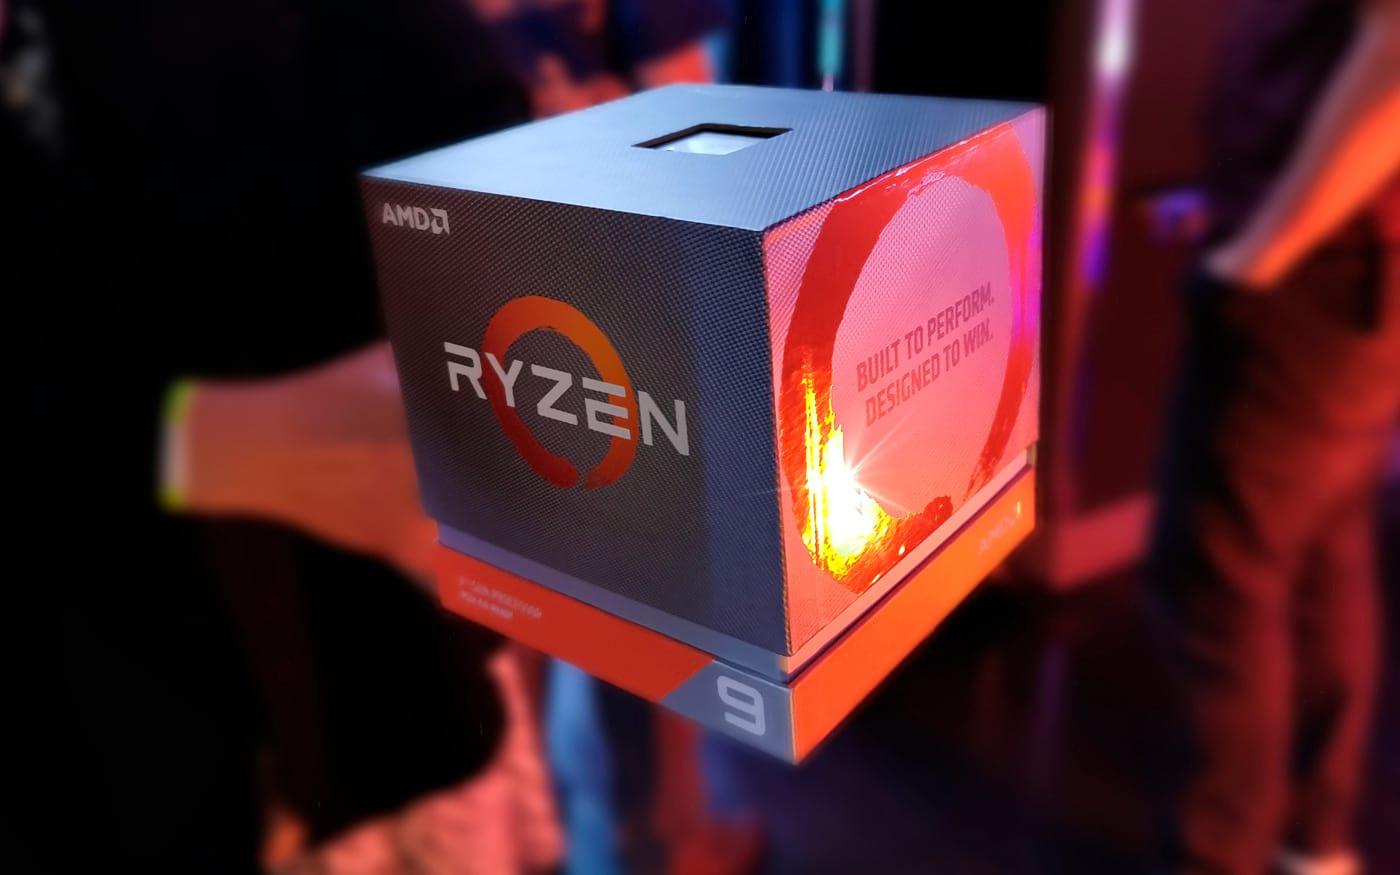 Segura essa! AMD Ryzen 9 3950X atinge 5.4Ghz com OC e bate seu próprio recorde mundial